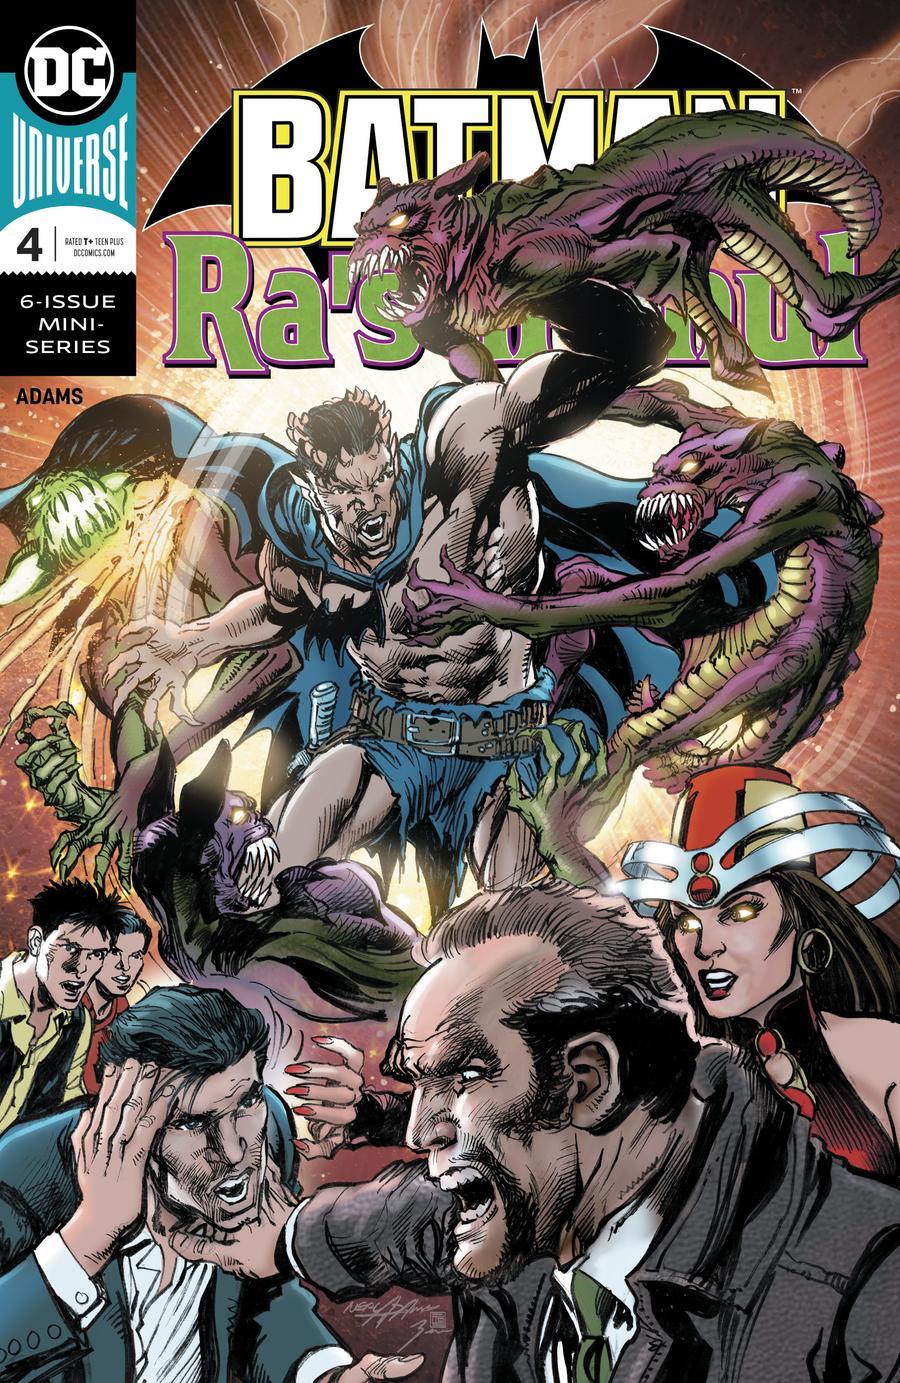 Batman vs Ras Al Ghul #4